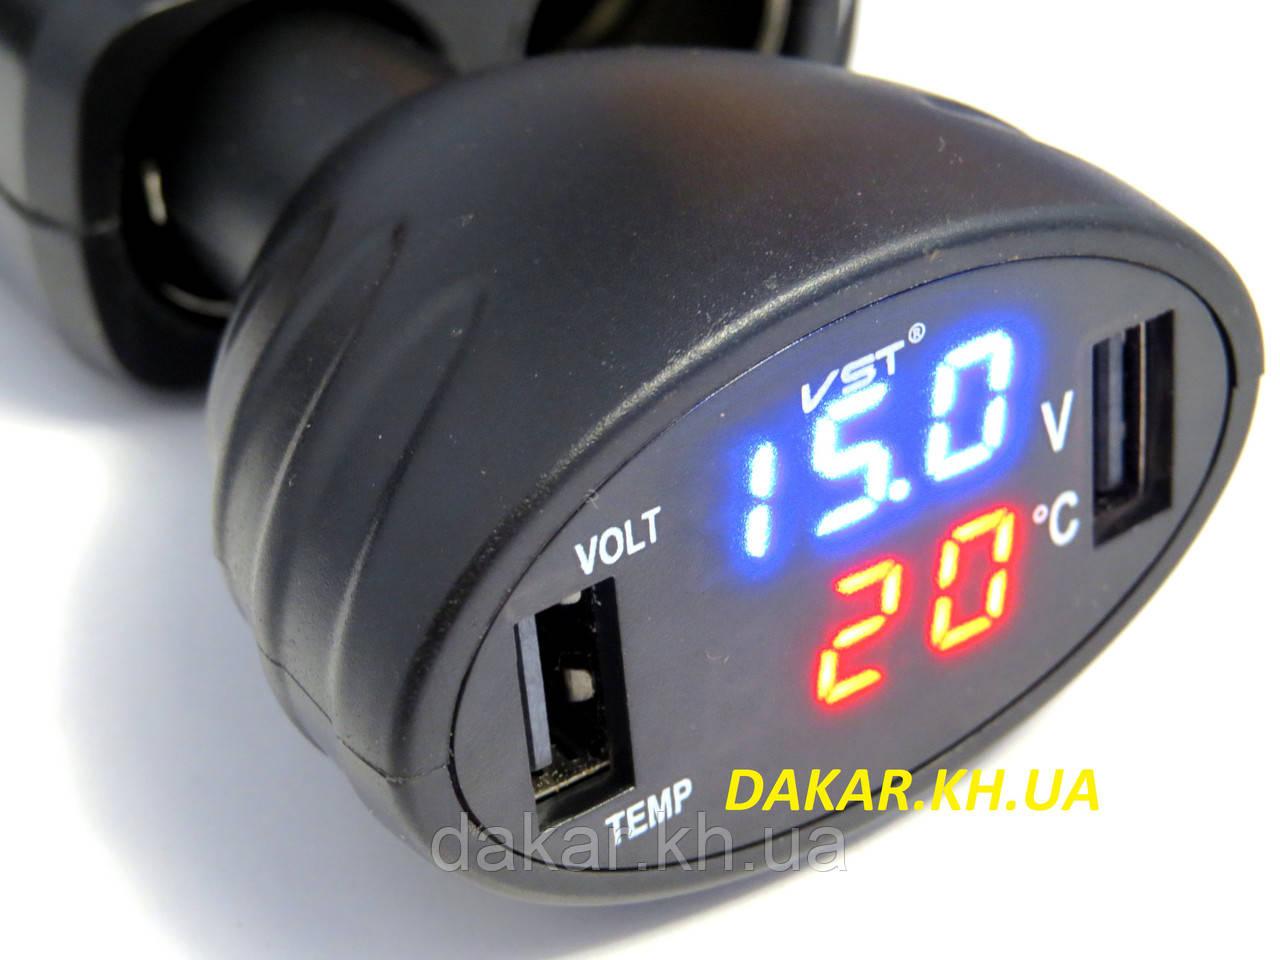 5cb19f09e662 Автомобильный термометр вольтметр USB зарядка VST 708 чёрный в  прикуриватель, фото 1